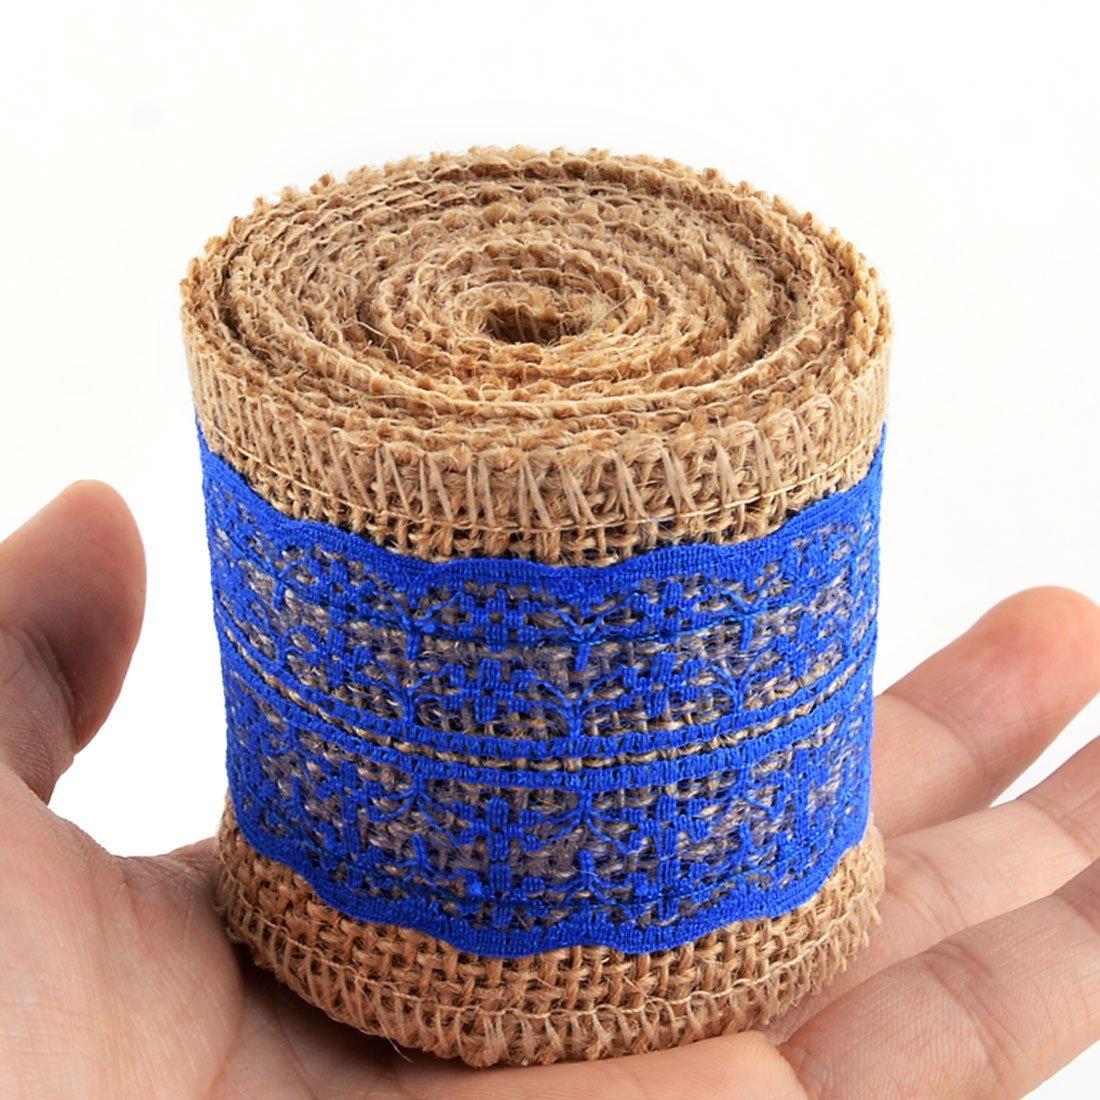 Amazon.com: Bricolaje artesanal de la Correa de la Cinta de arpillera eDealMax Encaje Decoración cuerda Rollo 2.2 yardas del Azul Real: Health & Personal ...